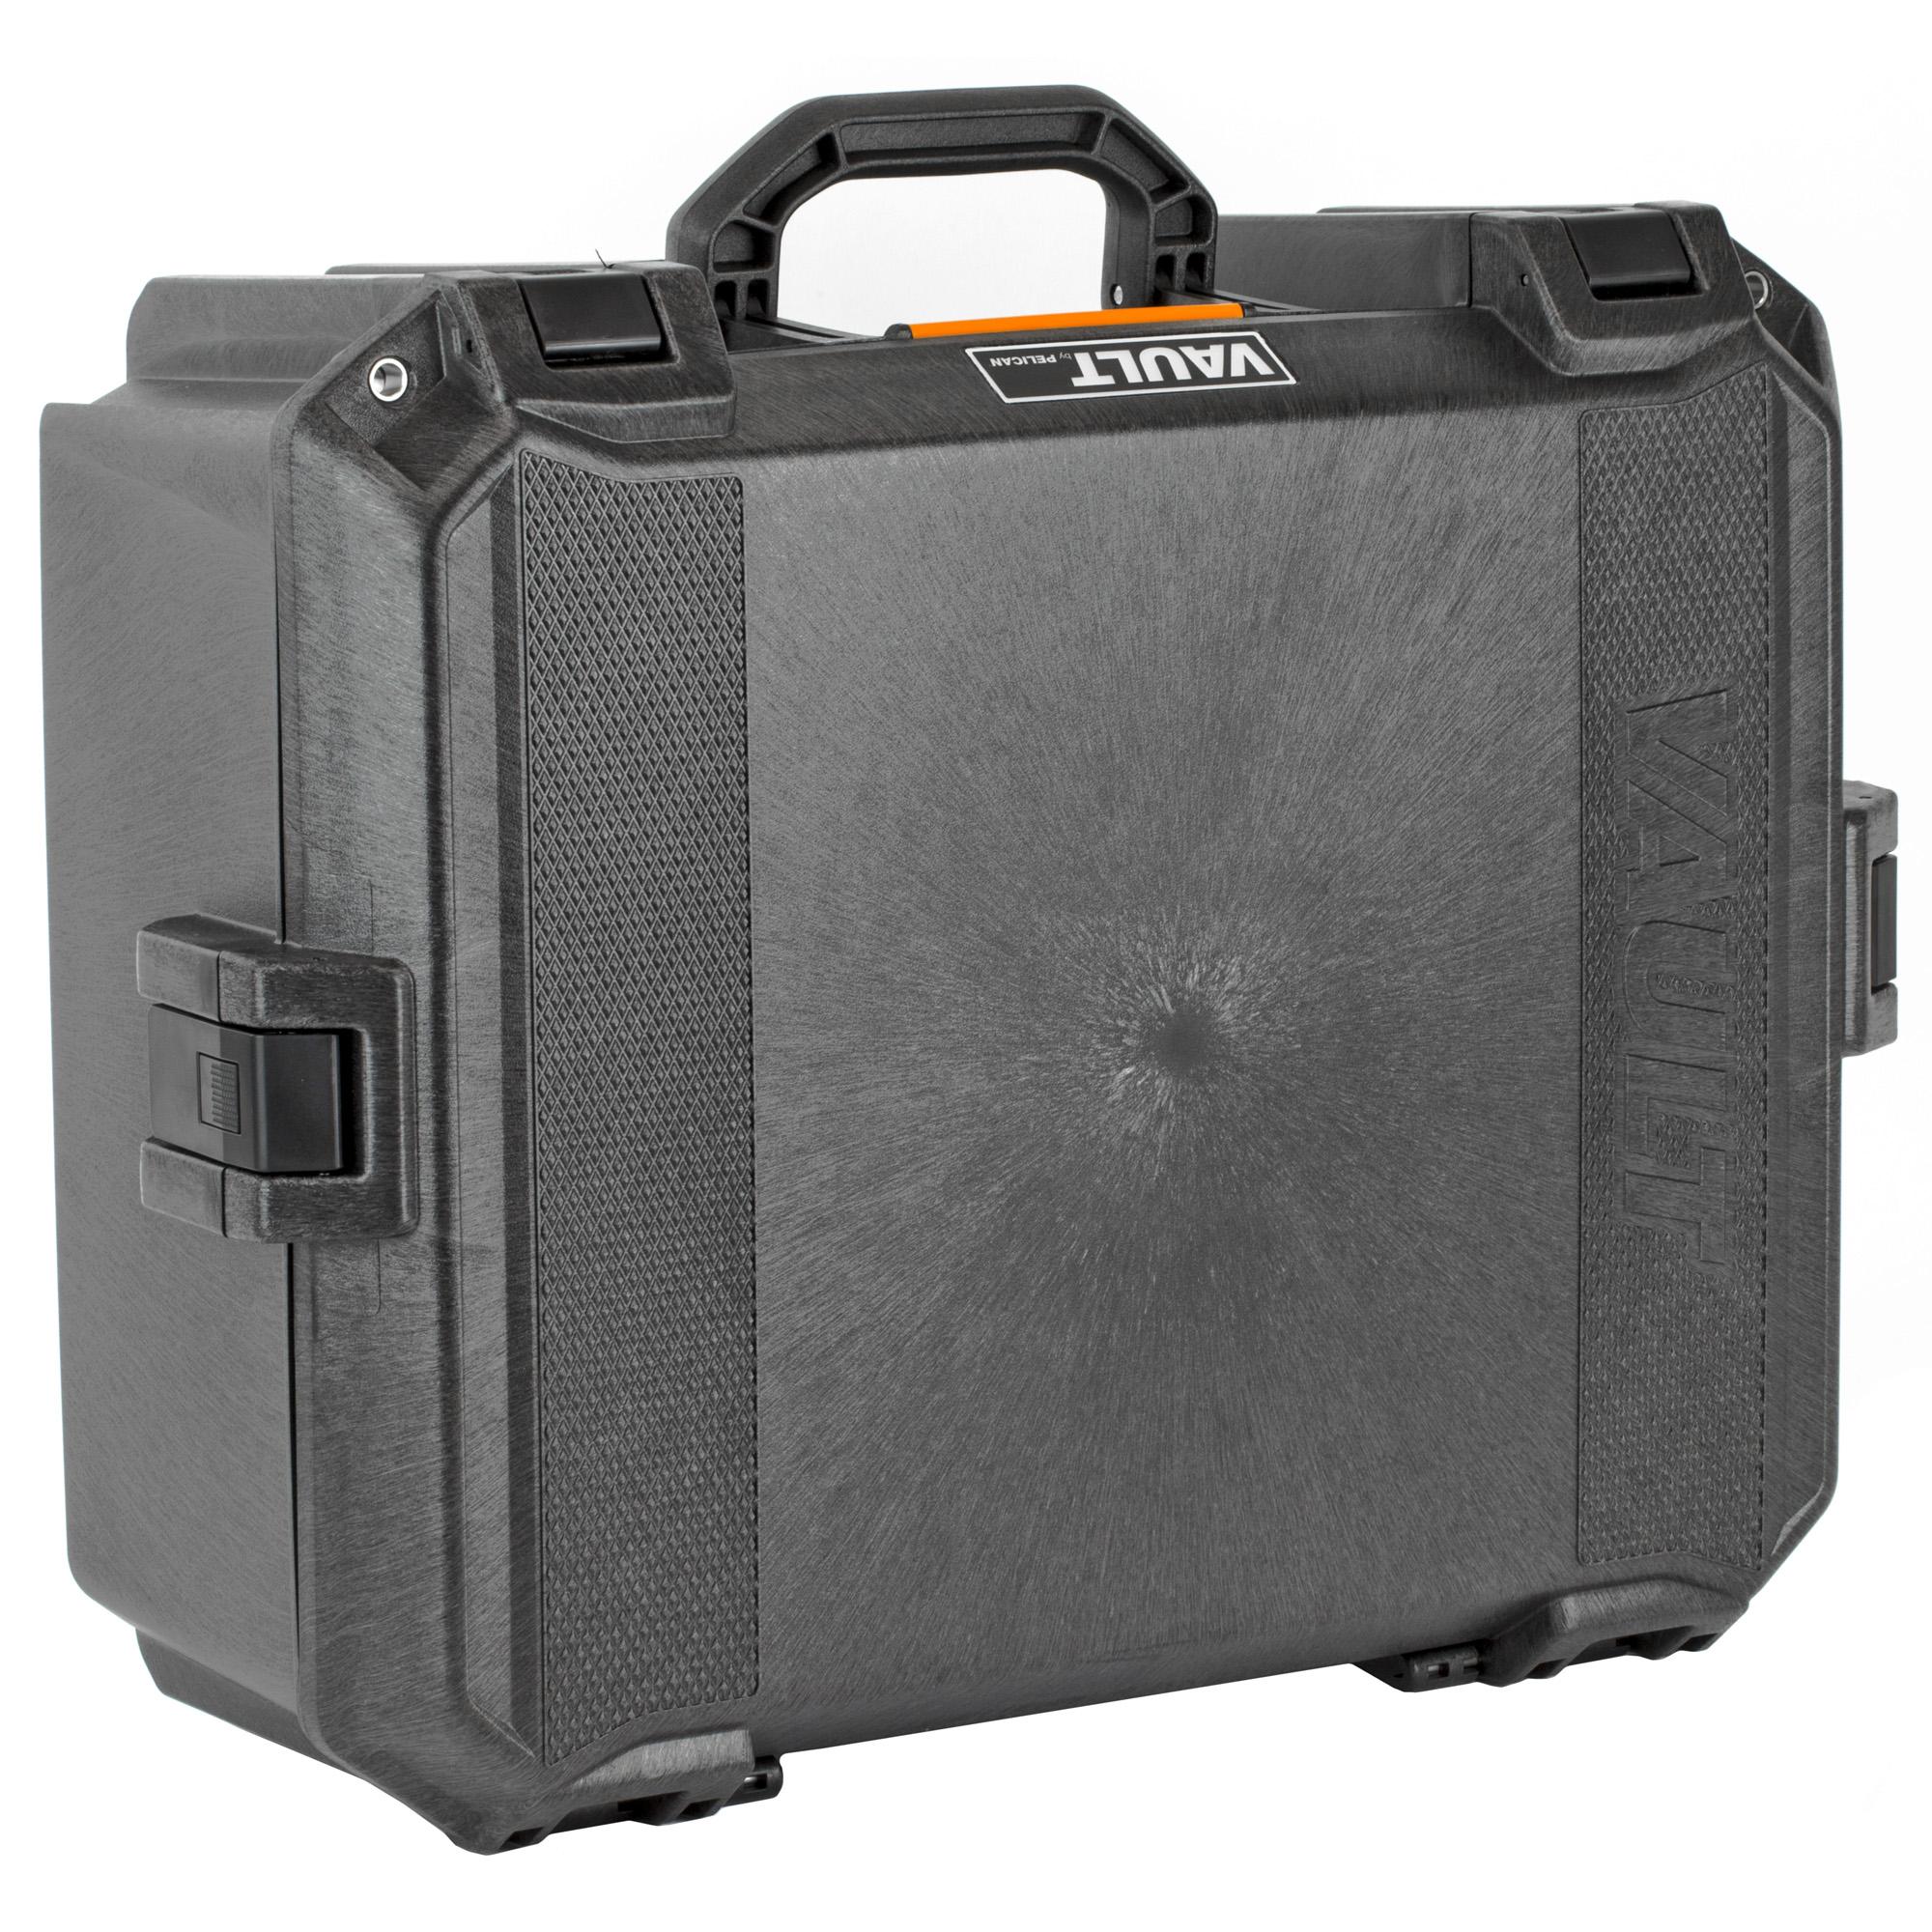 Pelican Vault V550 Case 23x18x10 Blk